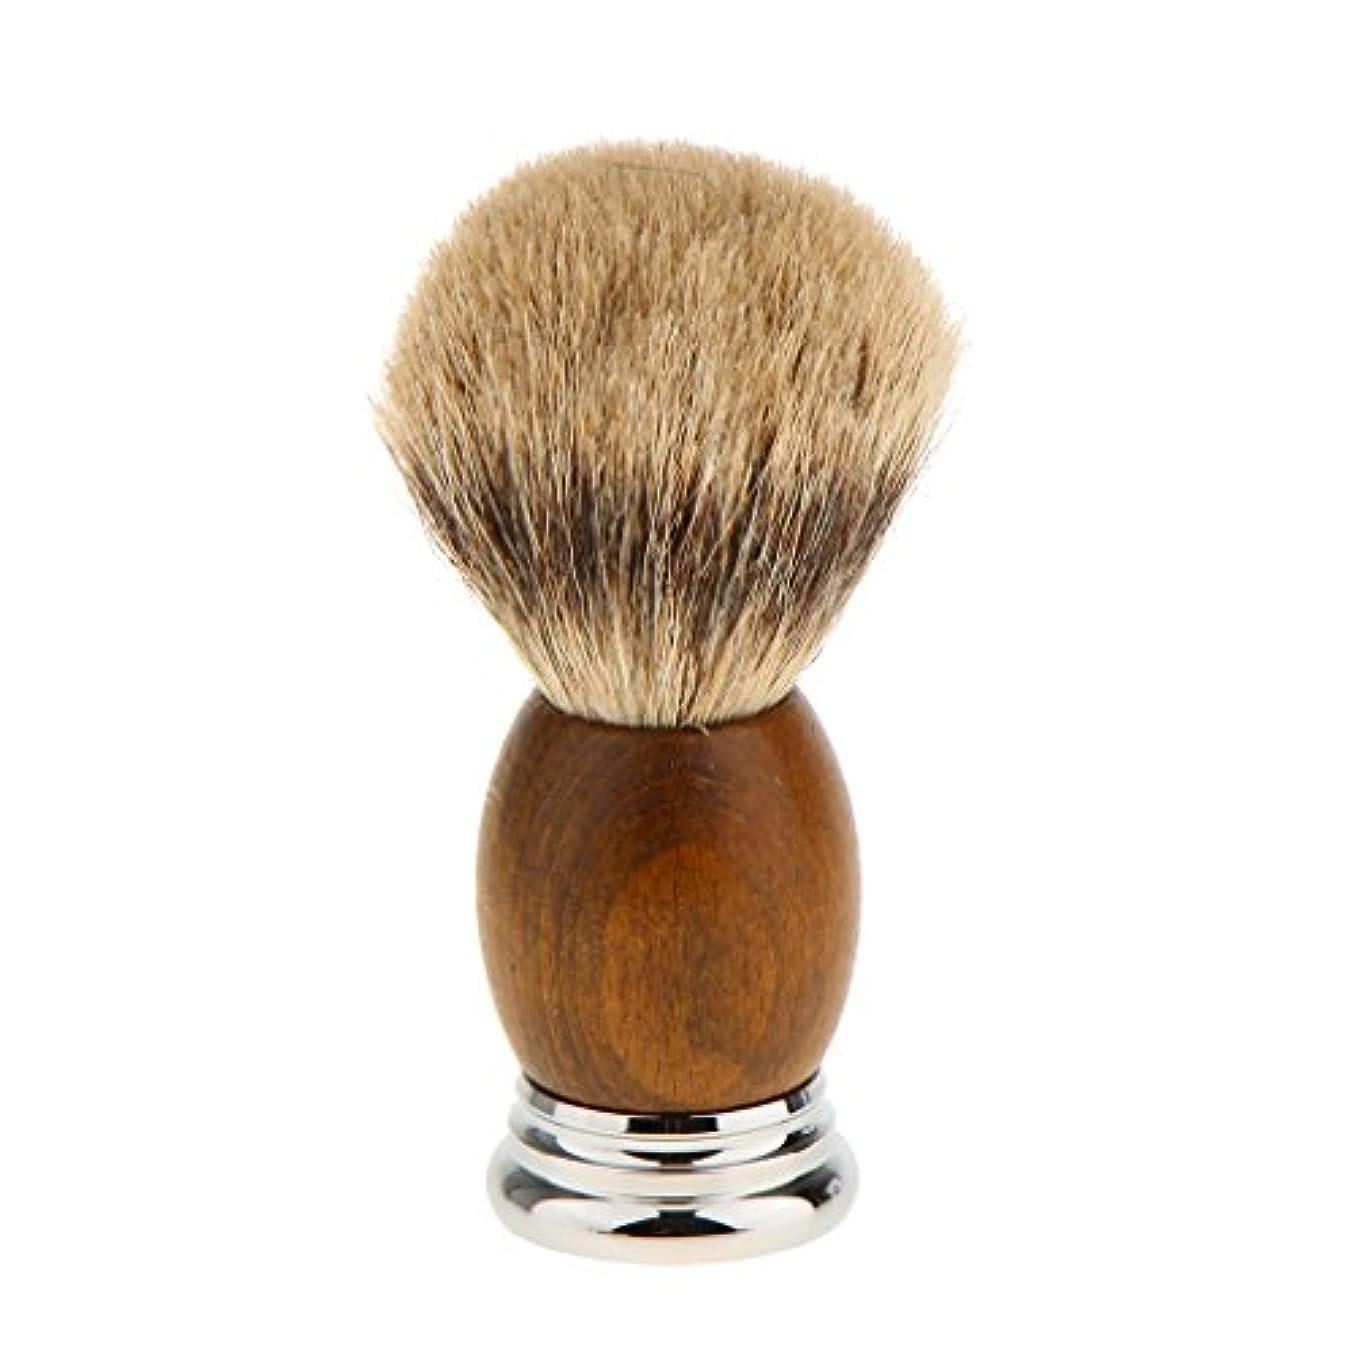 変数不均一お互いLovoski 紳士 高密度 シェービングブラシ レトロ 木製ハンドル 髭剃り 泡立ち 洗顔ブラシ 父の日